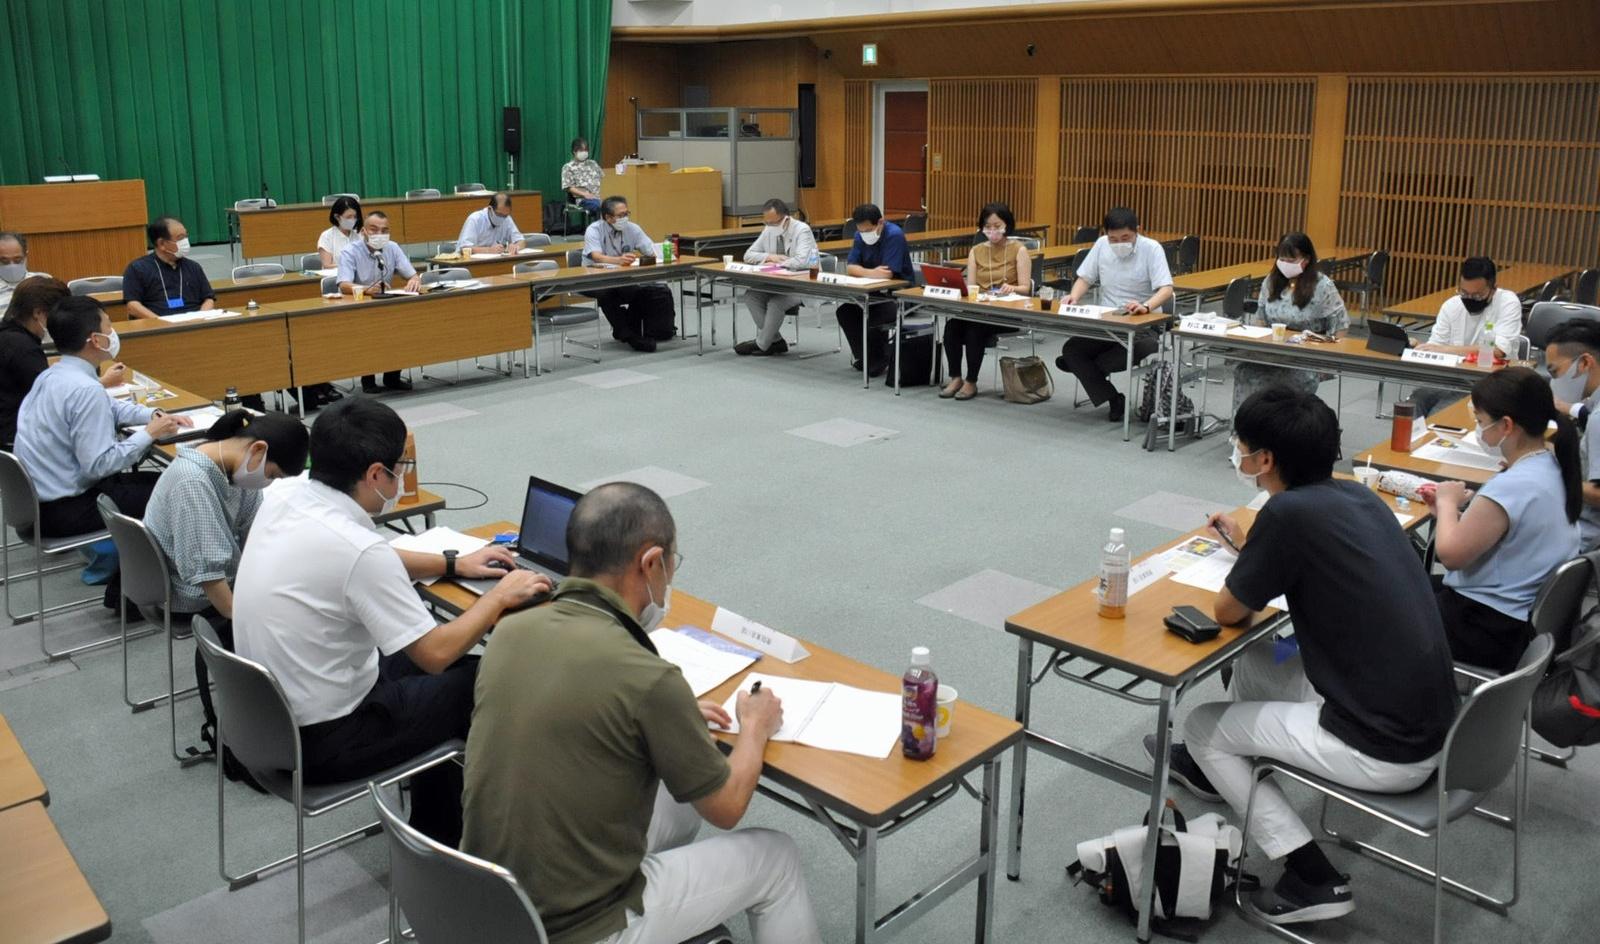 日本共産党東京都委員会の衆院候補者会議